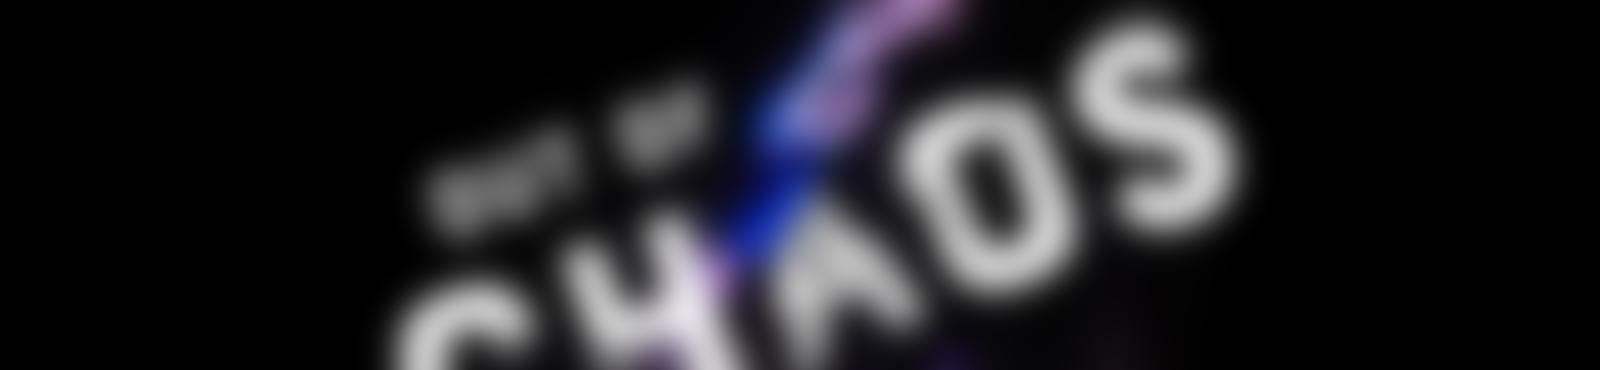 Blurred 5ba9115b 0f10 4733 bedd ad69e50d527e